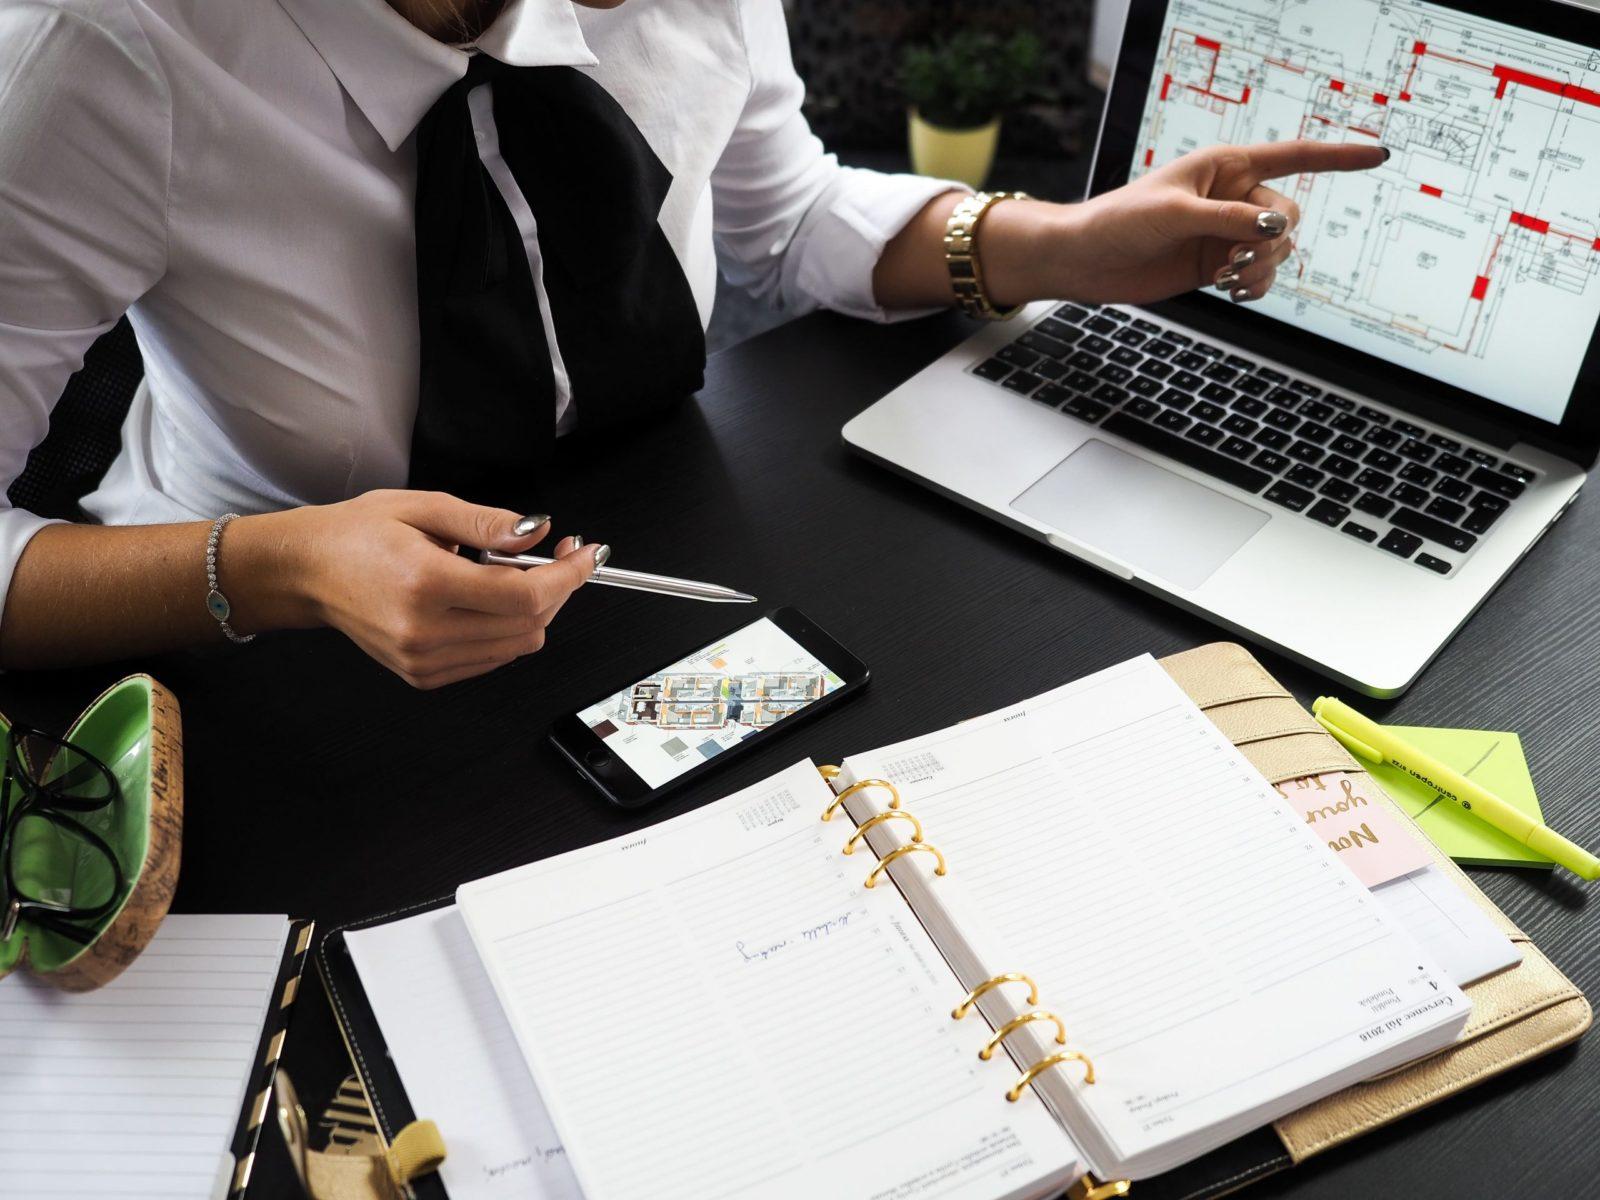 Дизайн коммерческих предложений и презентаций